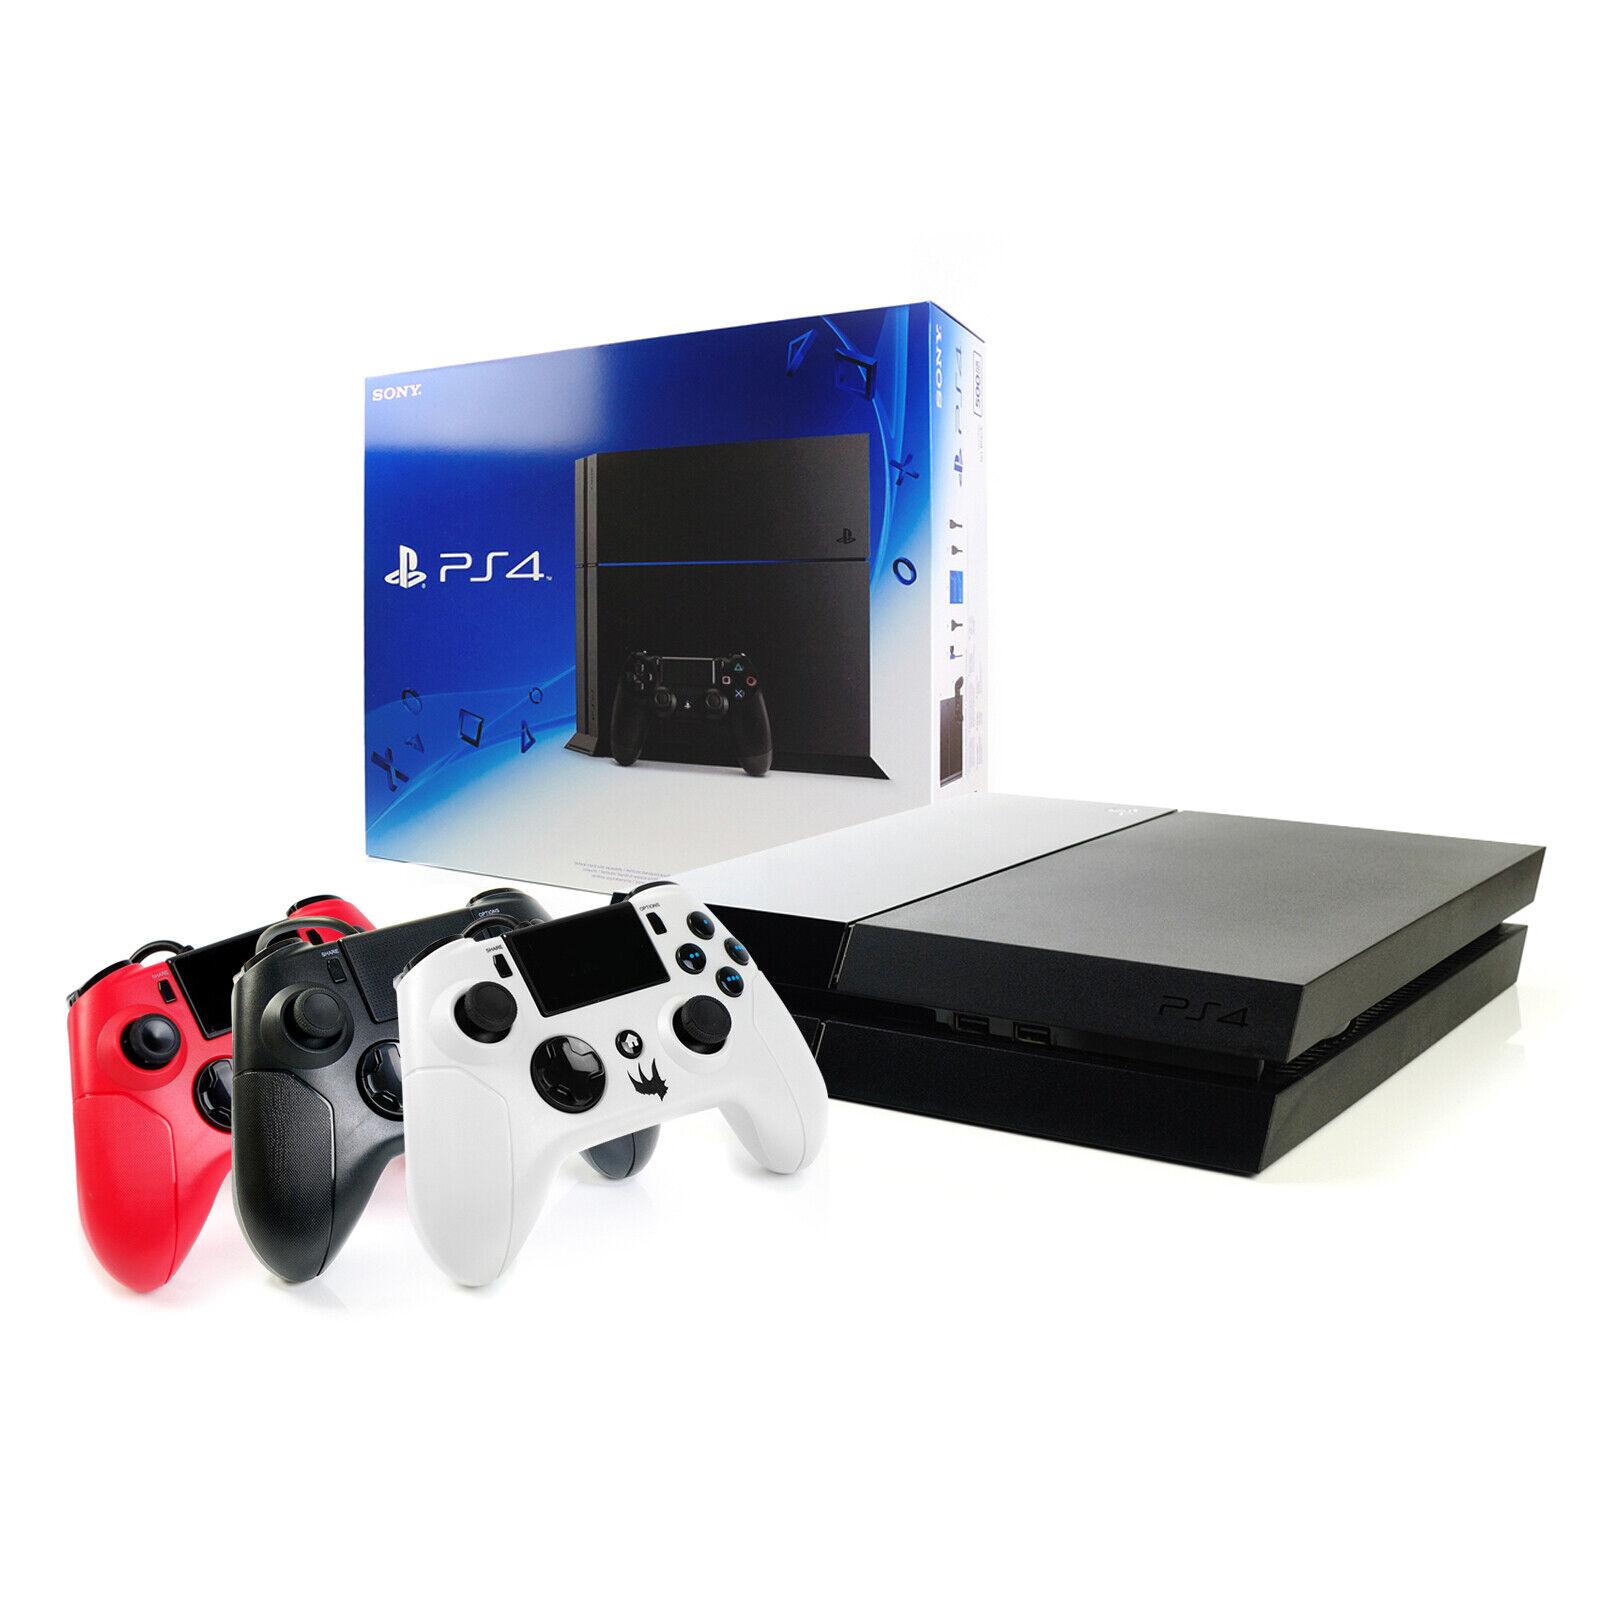 SONY PS4 Konsole 1000GB +NEUEN Gator Claw Controller - Black 1TB - Playstation 4